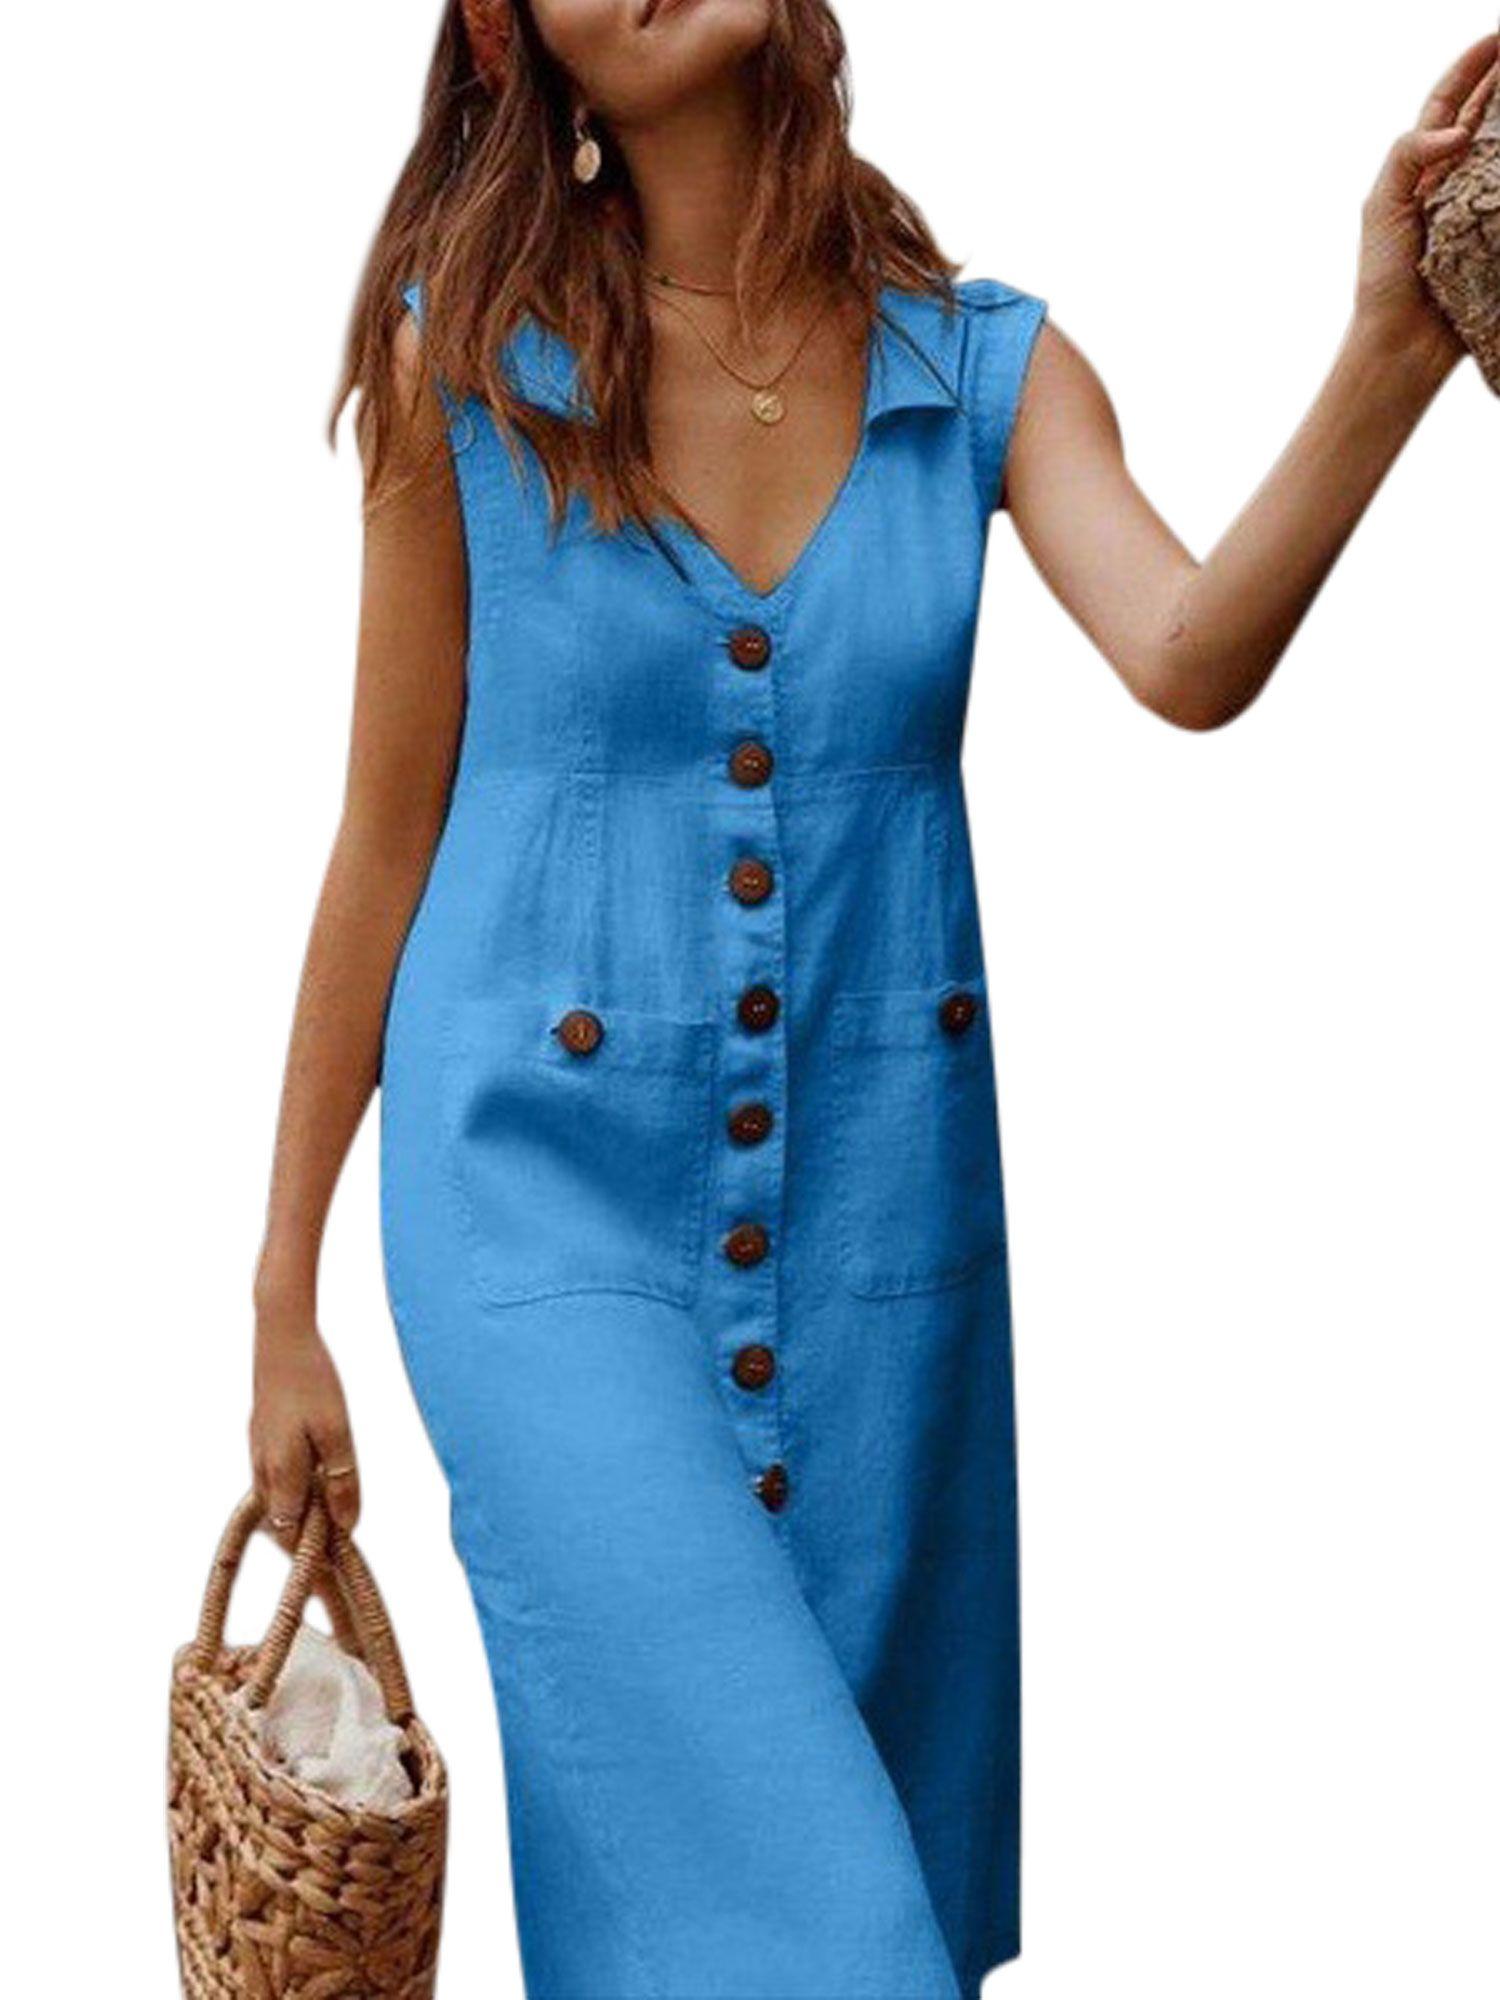 Pinterest In 2021 Dress Shirts For Women Sleeveless Dress Summer Women Dresses Casual Summer [ 2000 x 1500 Pixel ]